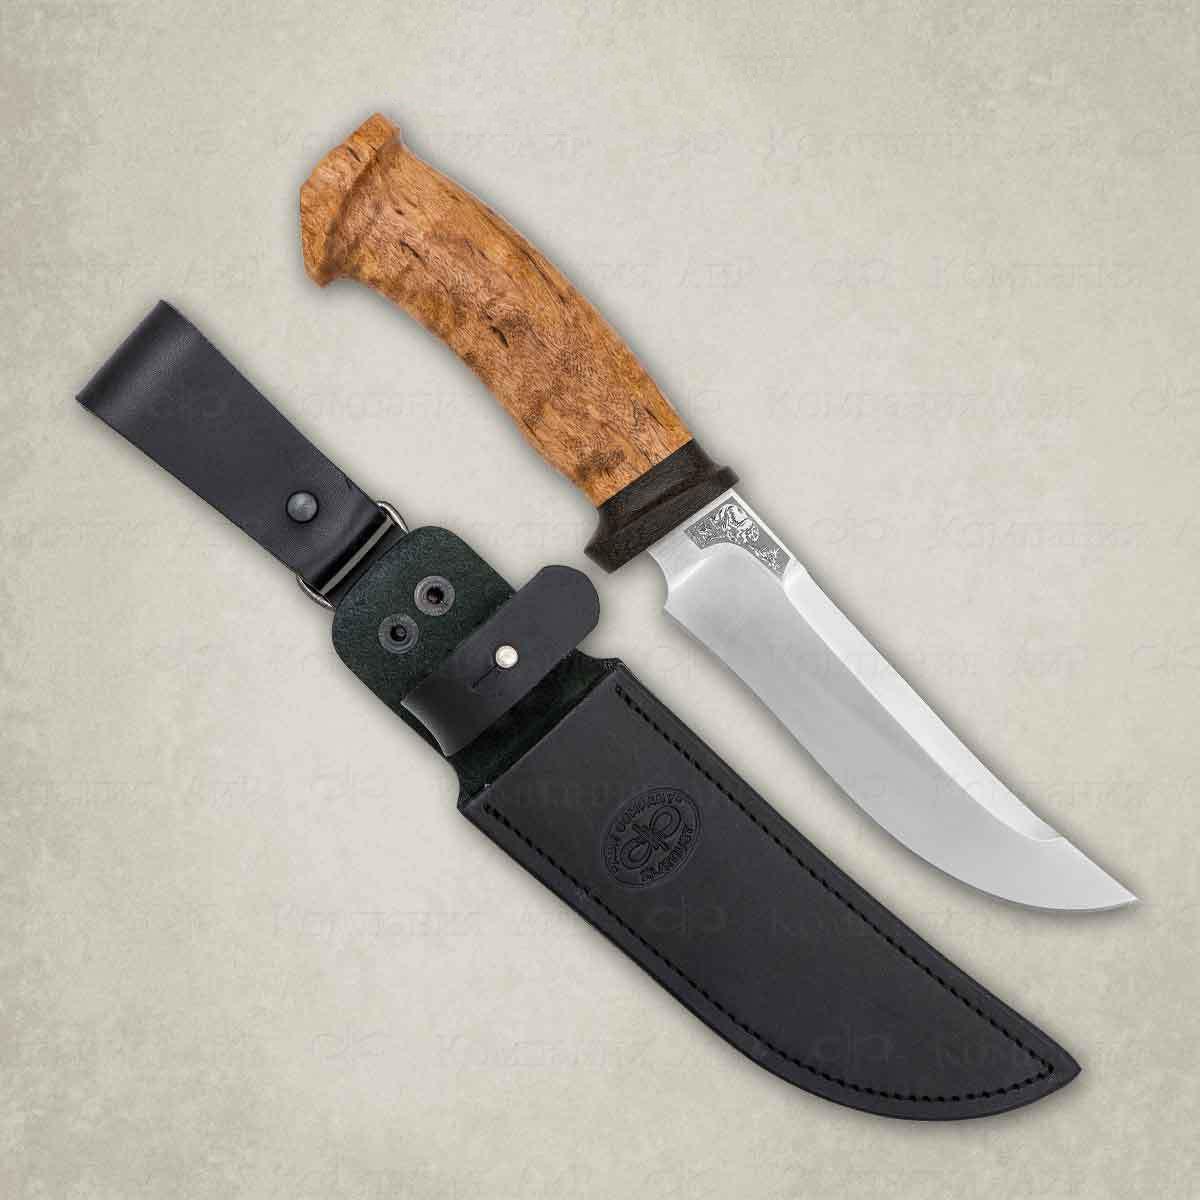 Фото - Нож разделочный АиР Росомаха, сталь ЭП-766, рукоять карельская береза нож разделочный аир финка 3 сталь эп 766 рукоять карельская береза